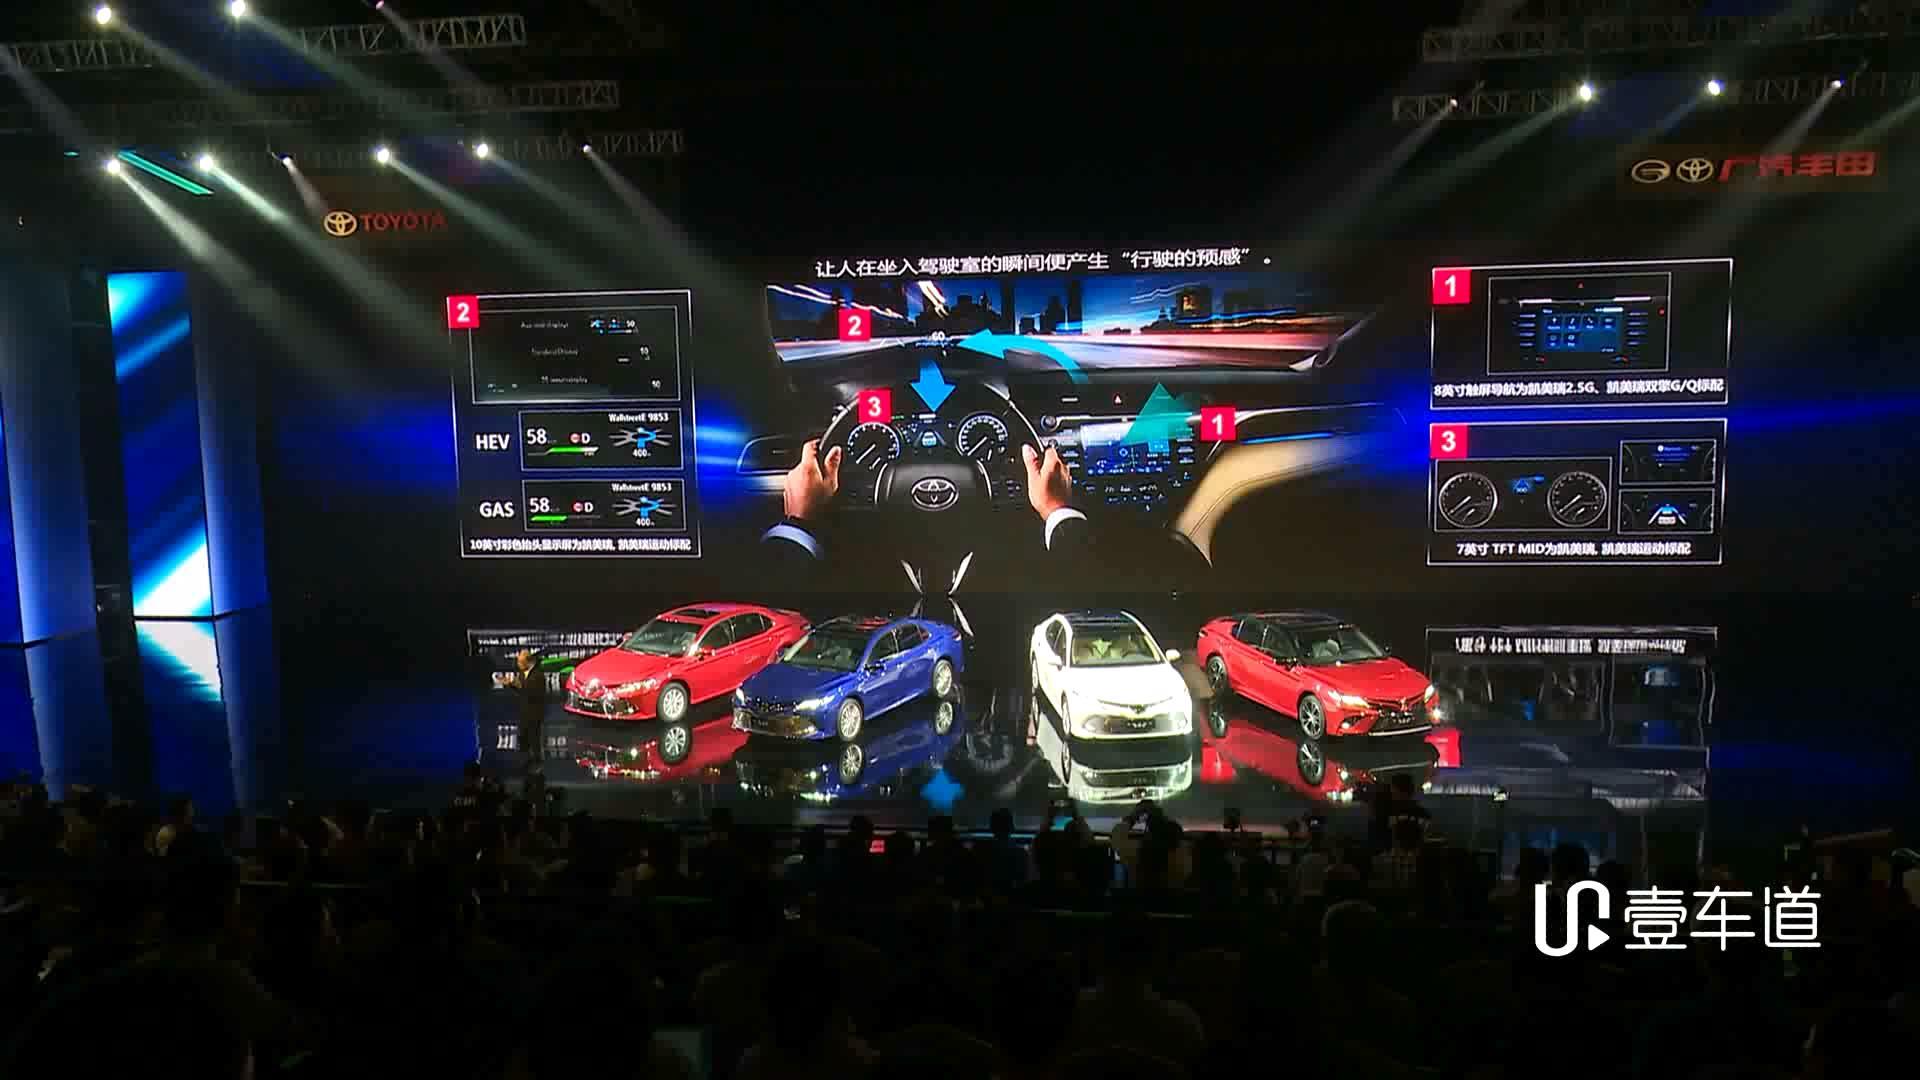 全面革新的真正换代  丰田第八代凯美瑞重塑中高级车价值标杆